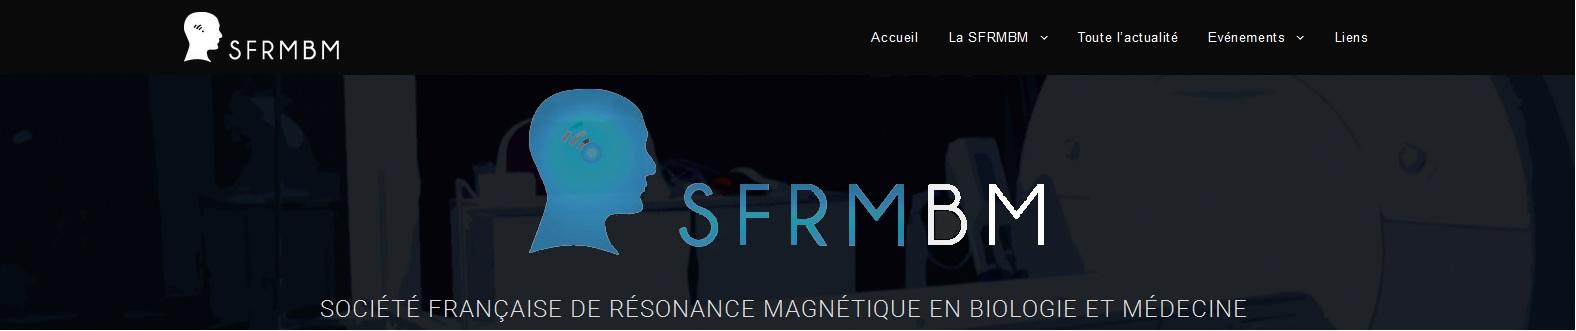 Nouveau site web SFRMBM